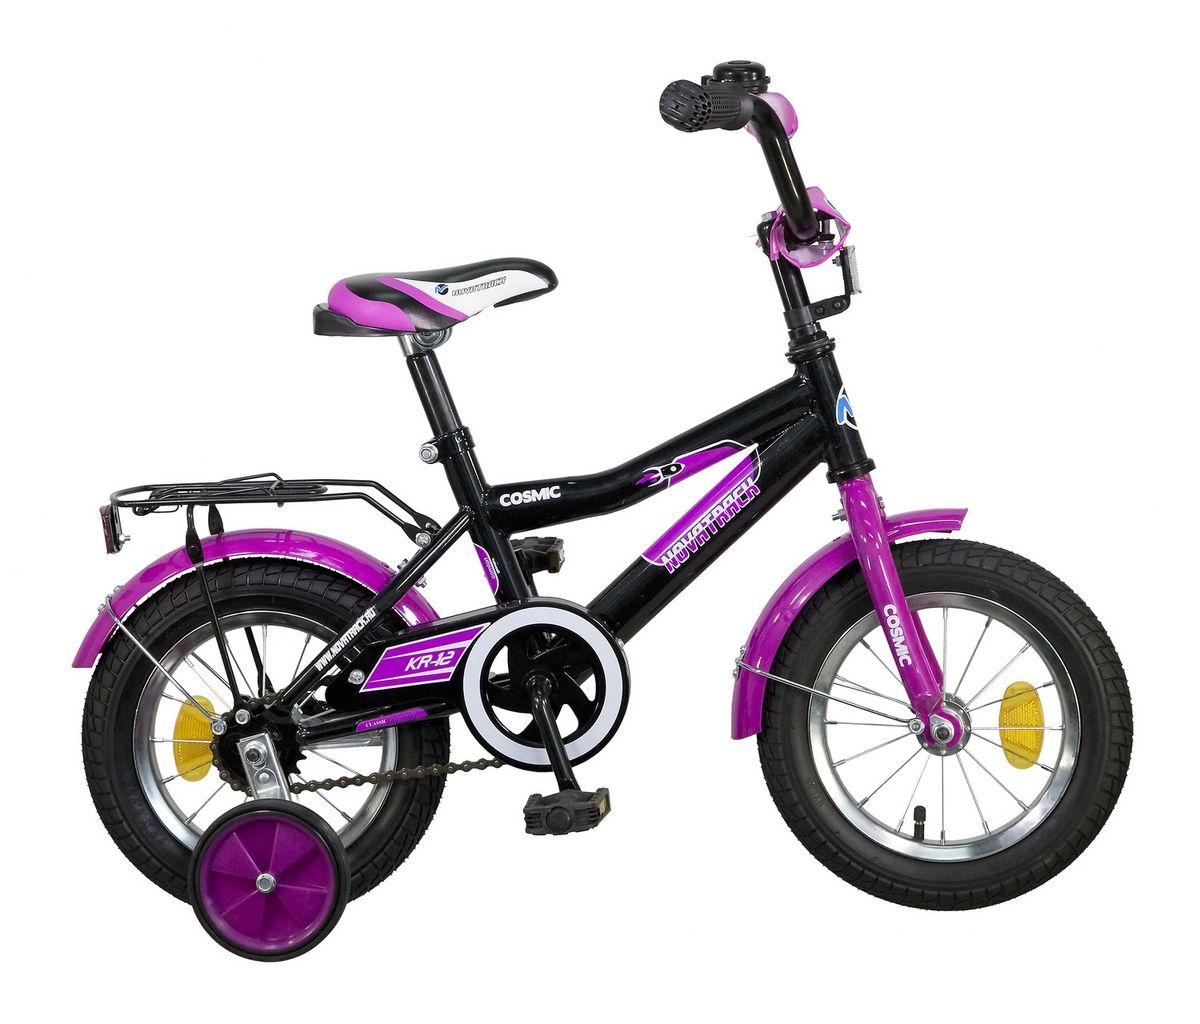 Велосипед детский Novatrack Cosmic, цвет: черный, сиреневый, 12